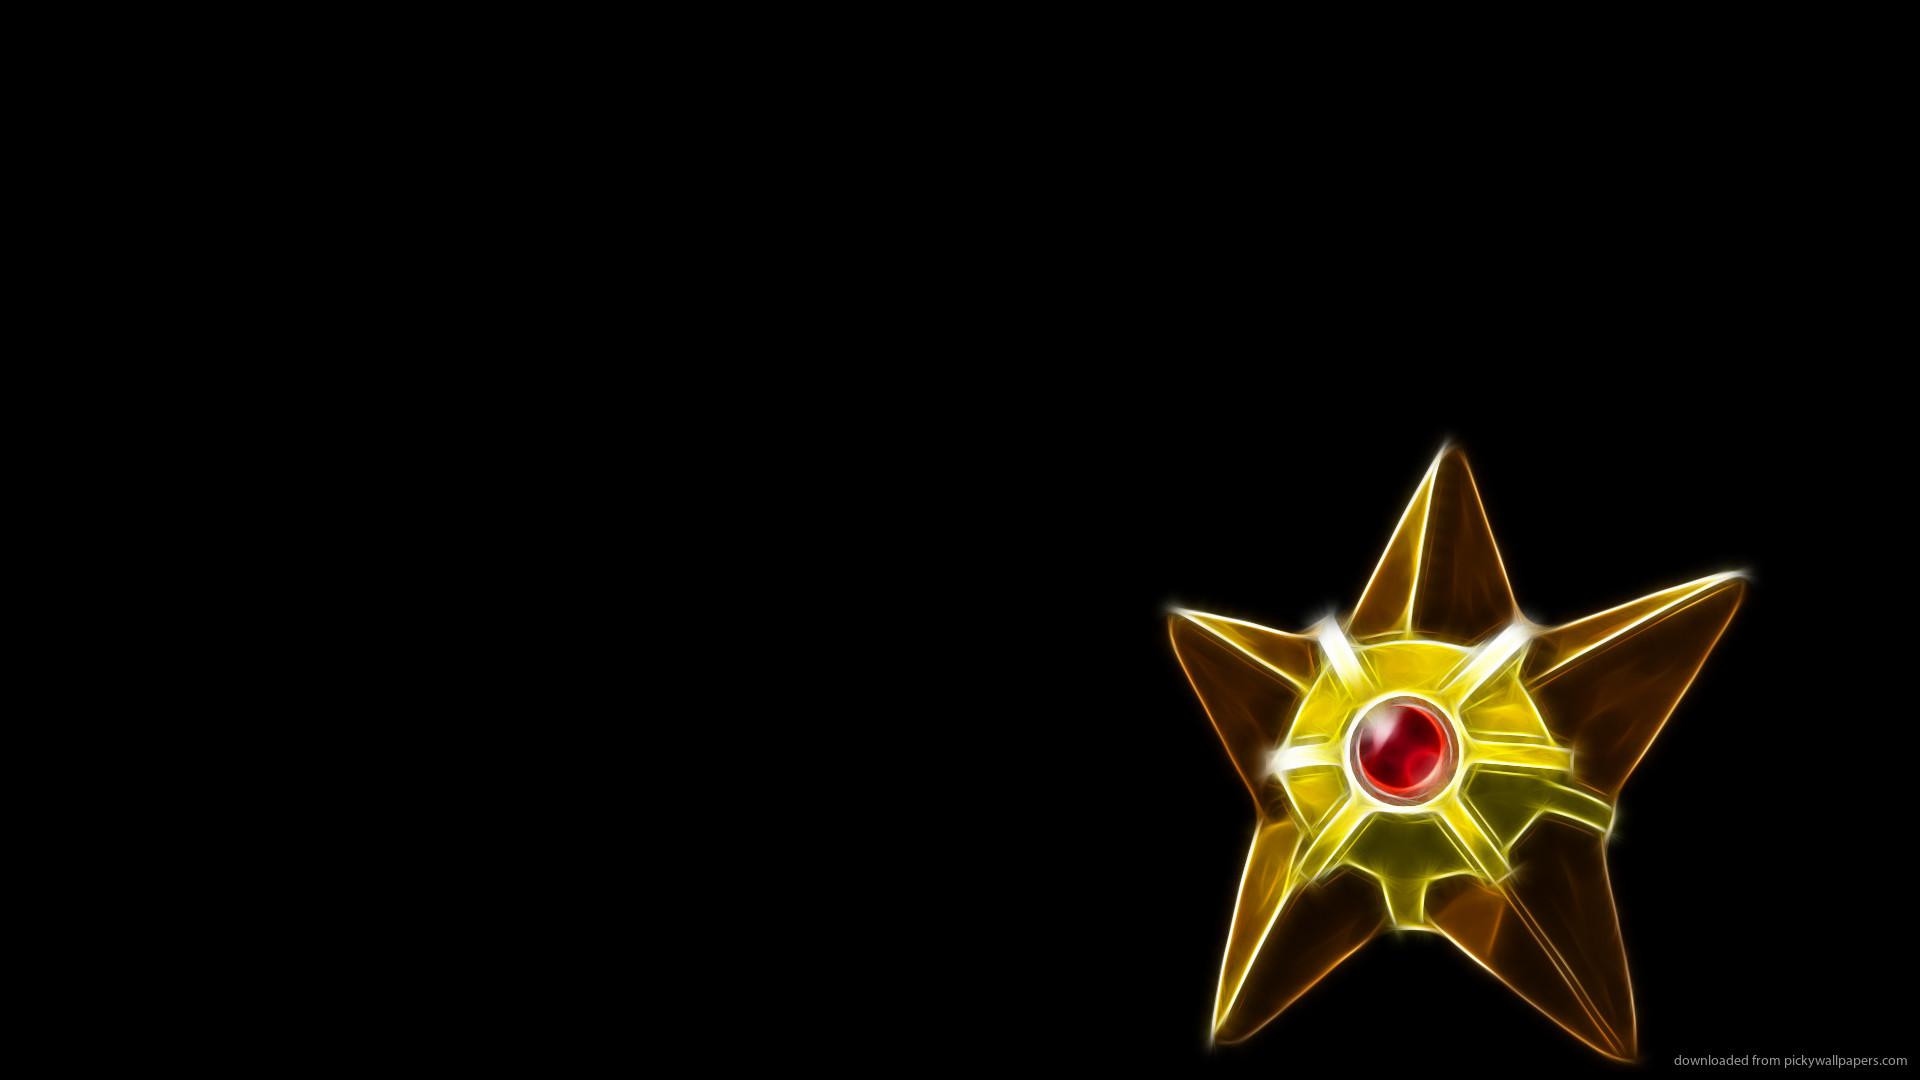 Staryu Pokemon Wallpaper picture